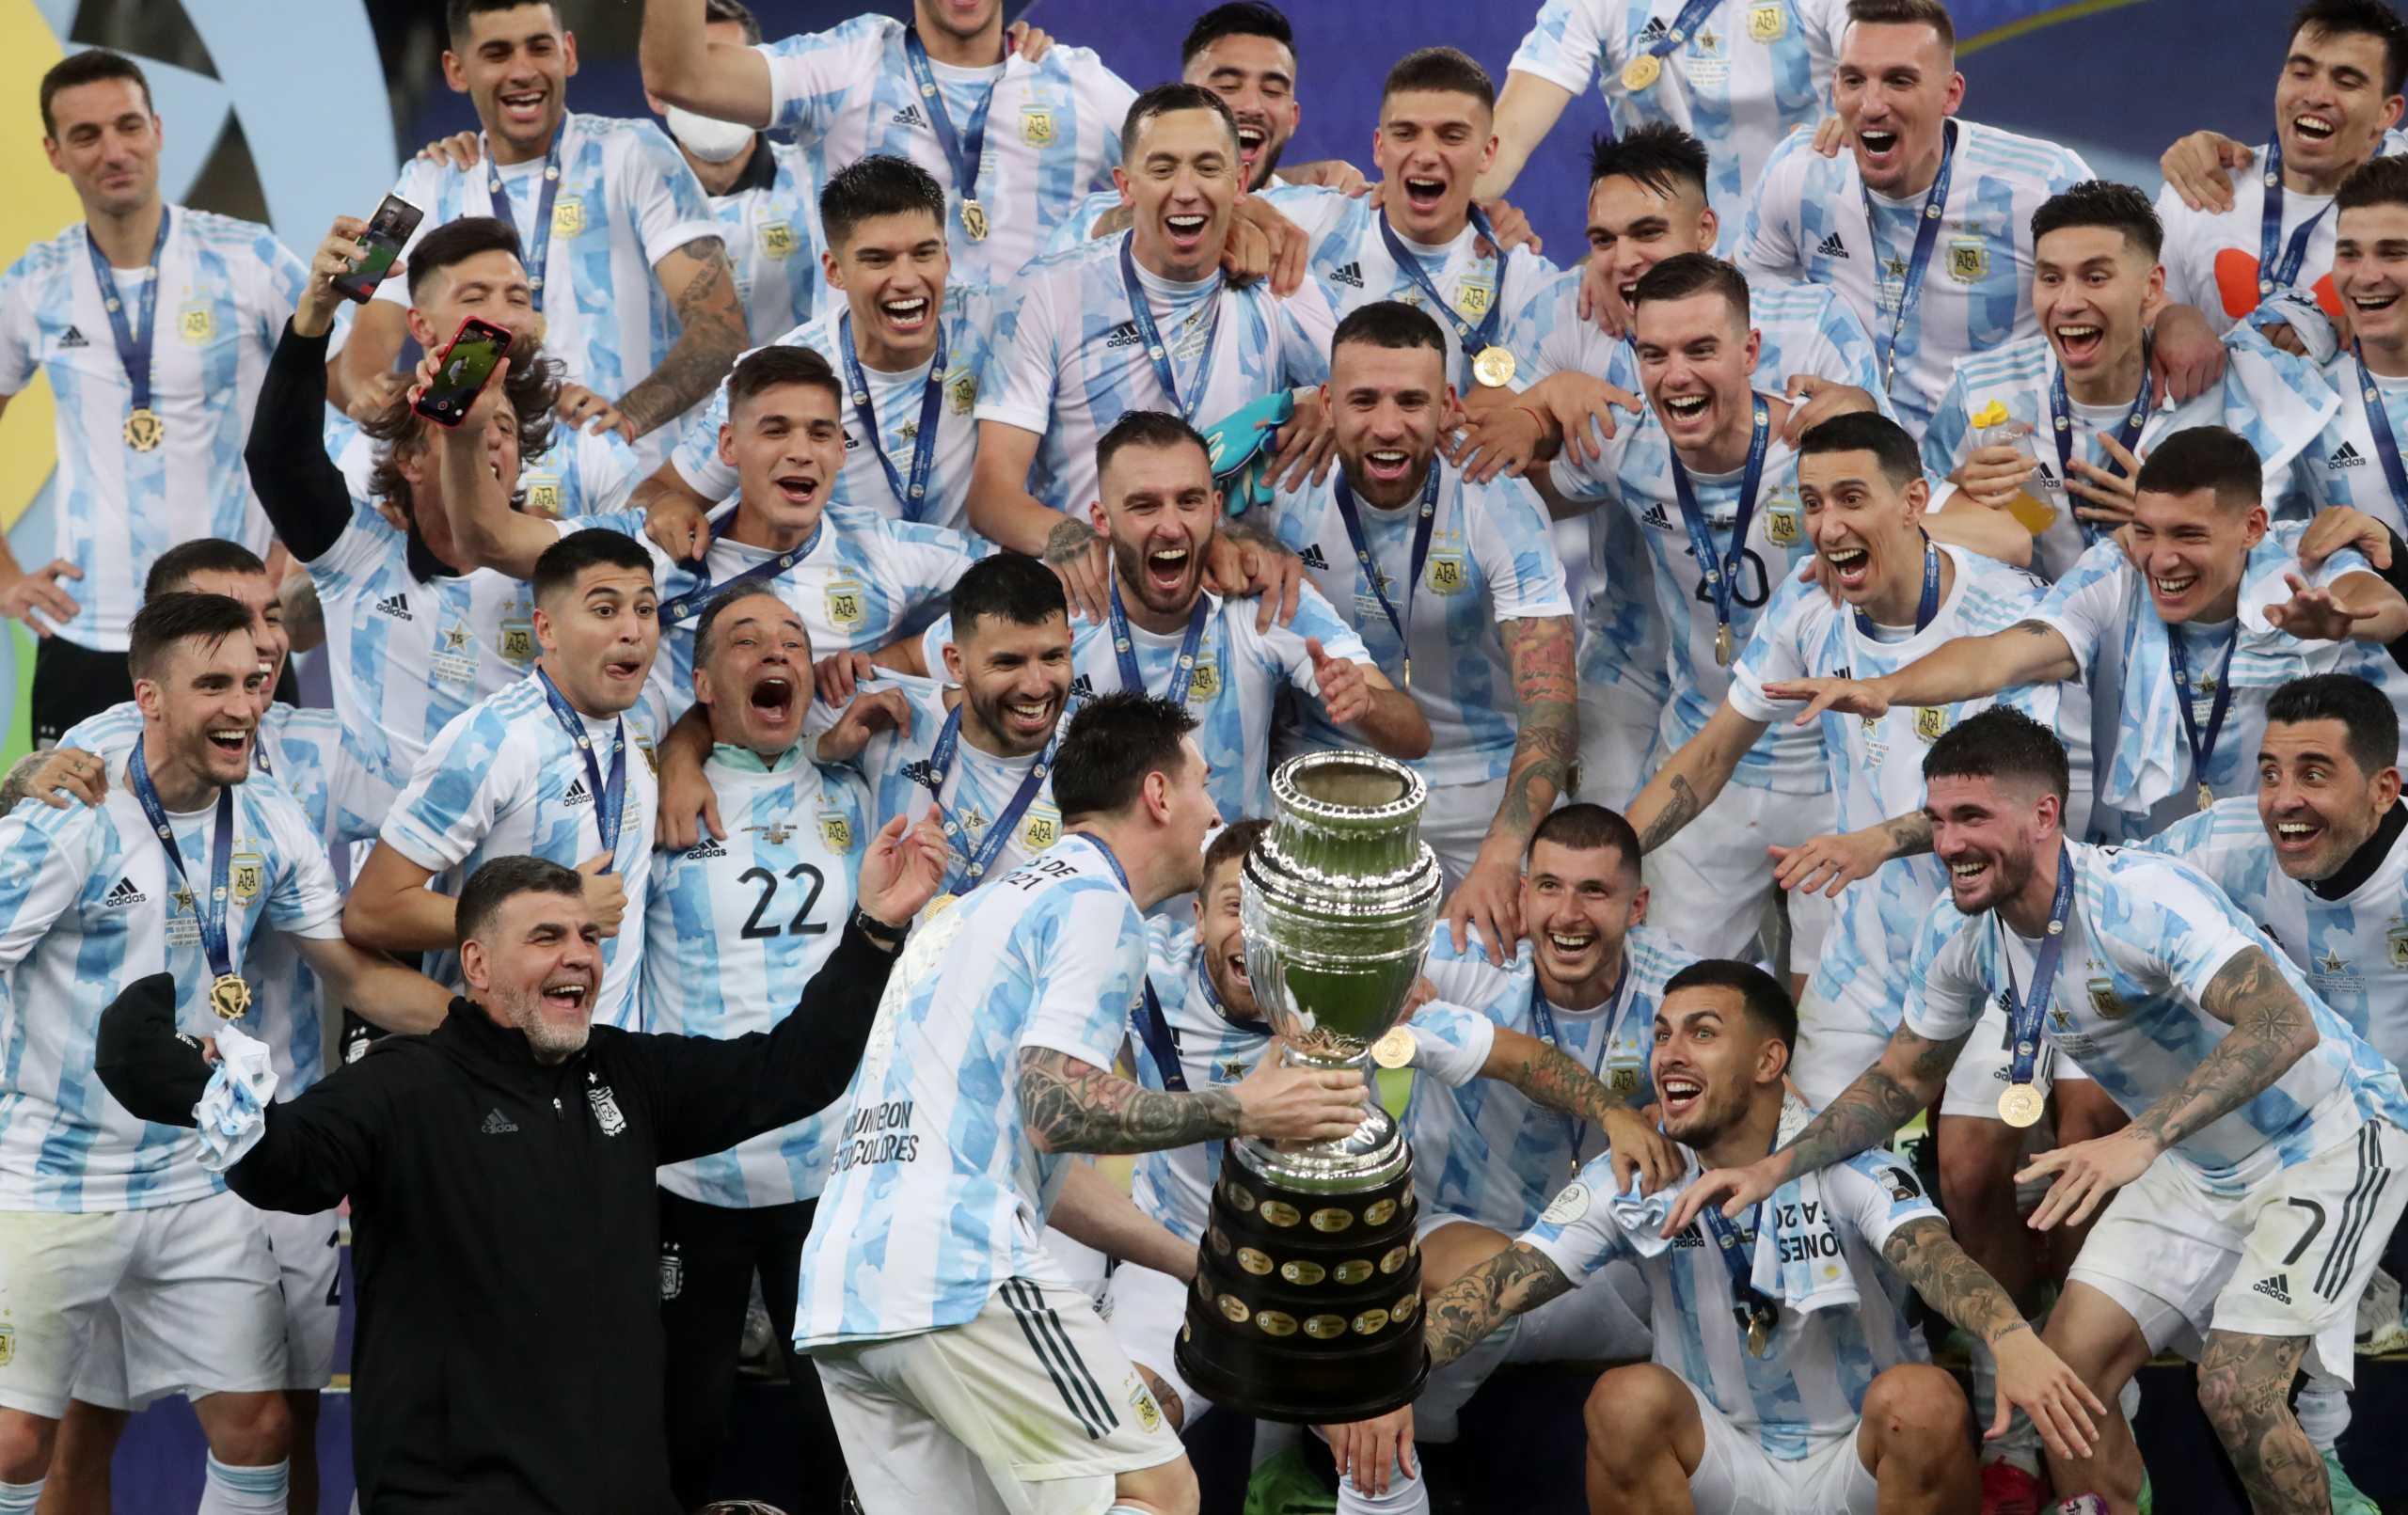 Αργεντινή: Το Copa America στα χέρια του Μέσι – Η στιγμή της απονομής